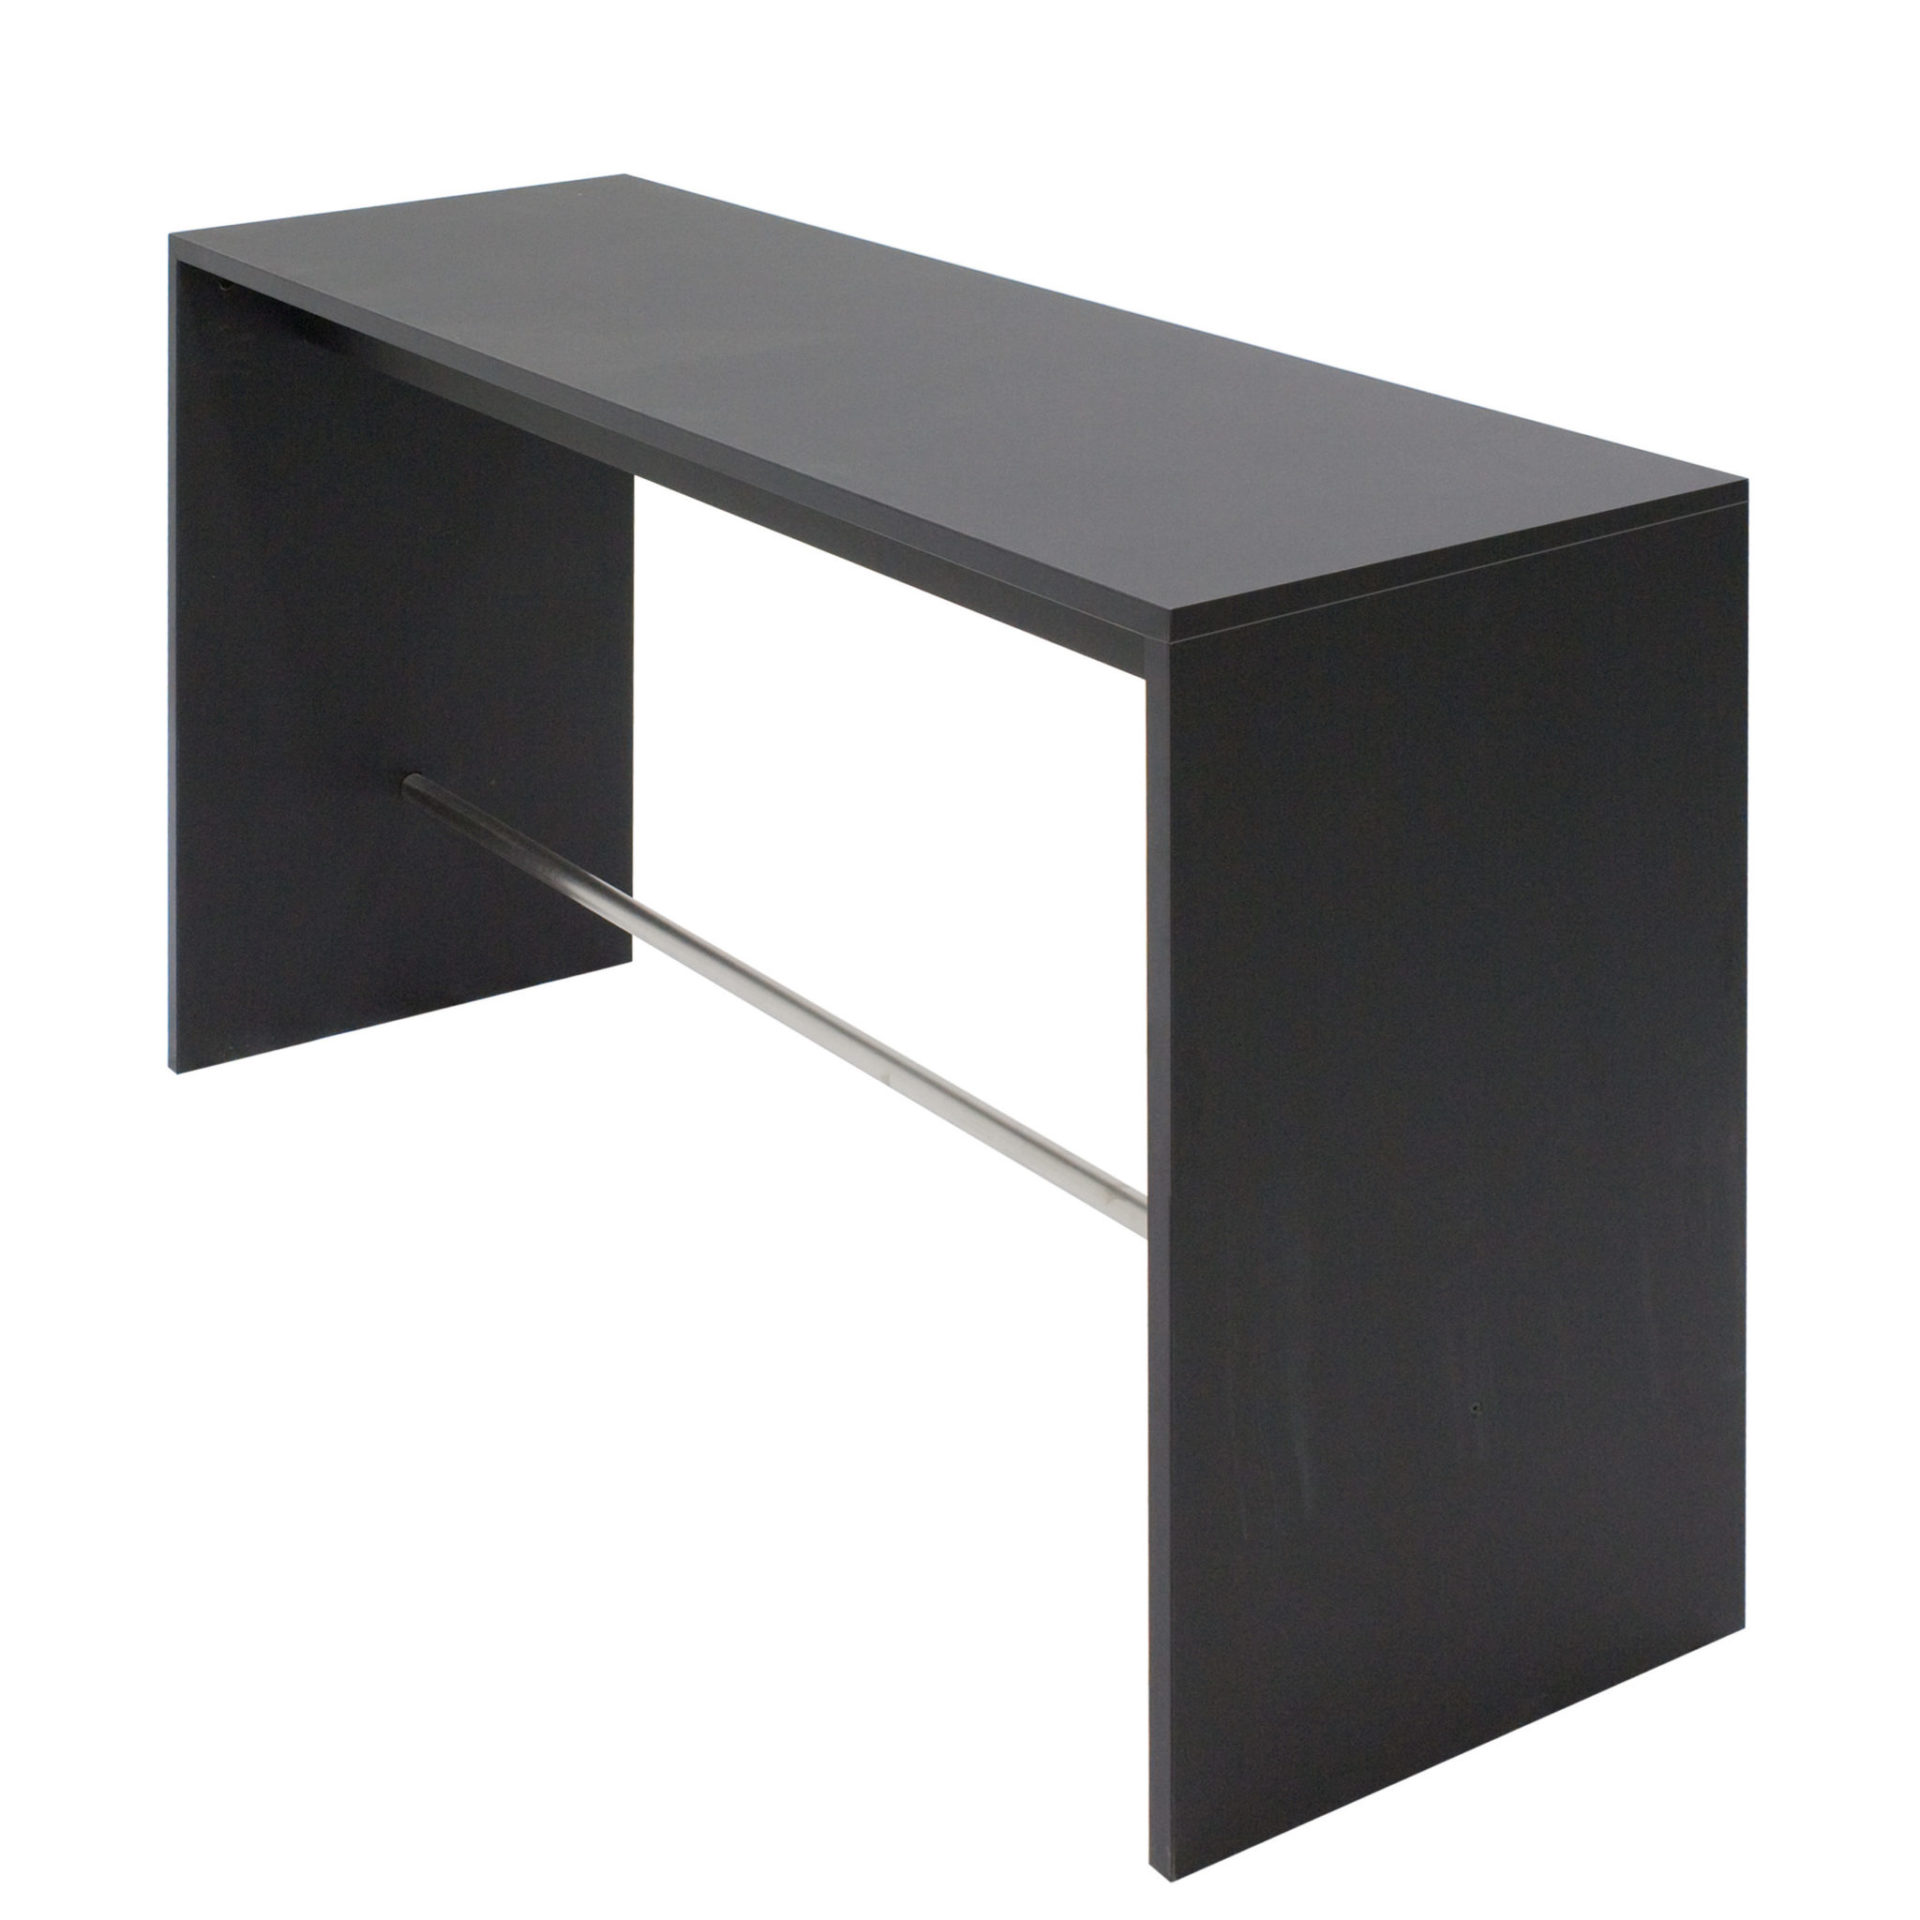 Højbord i sort - kan laves i størrelse efter ønske